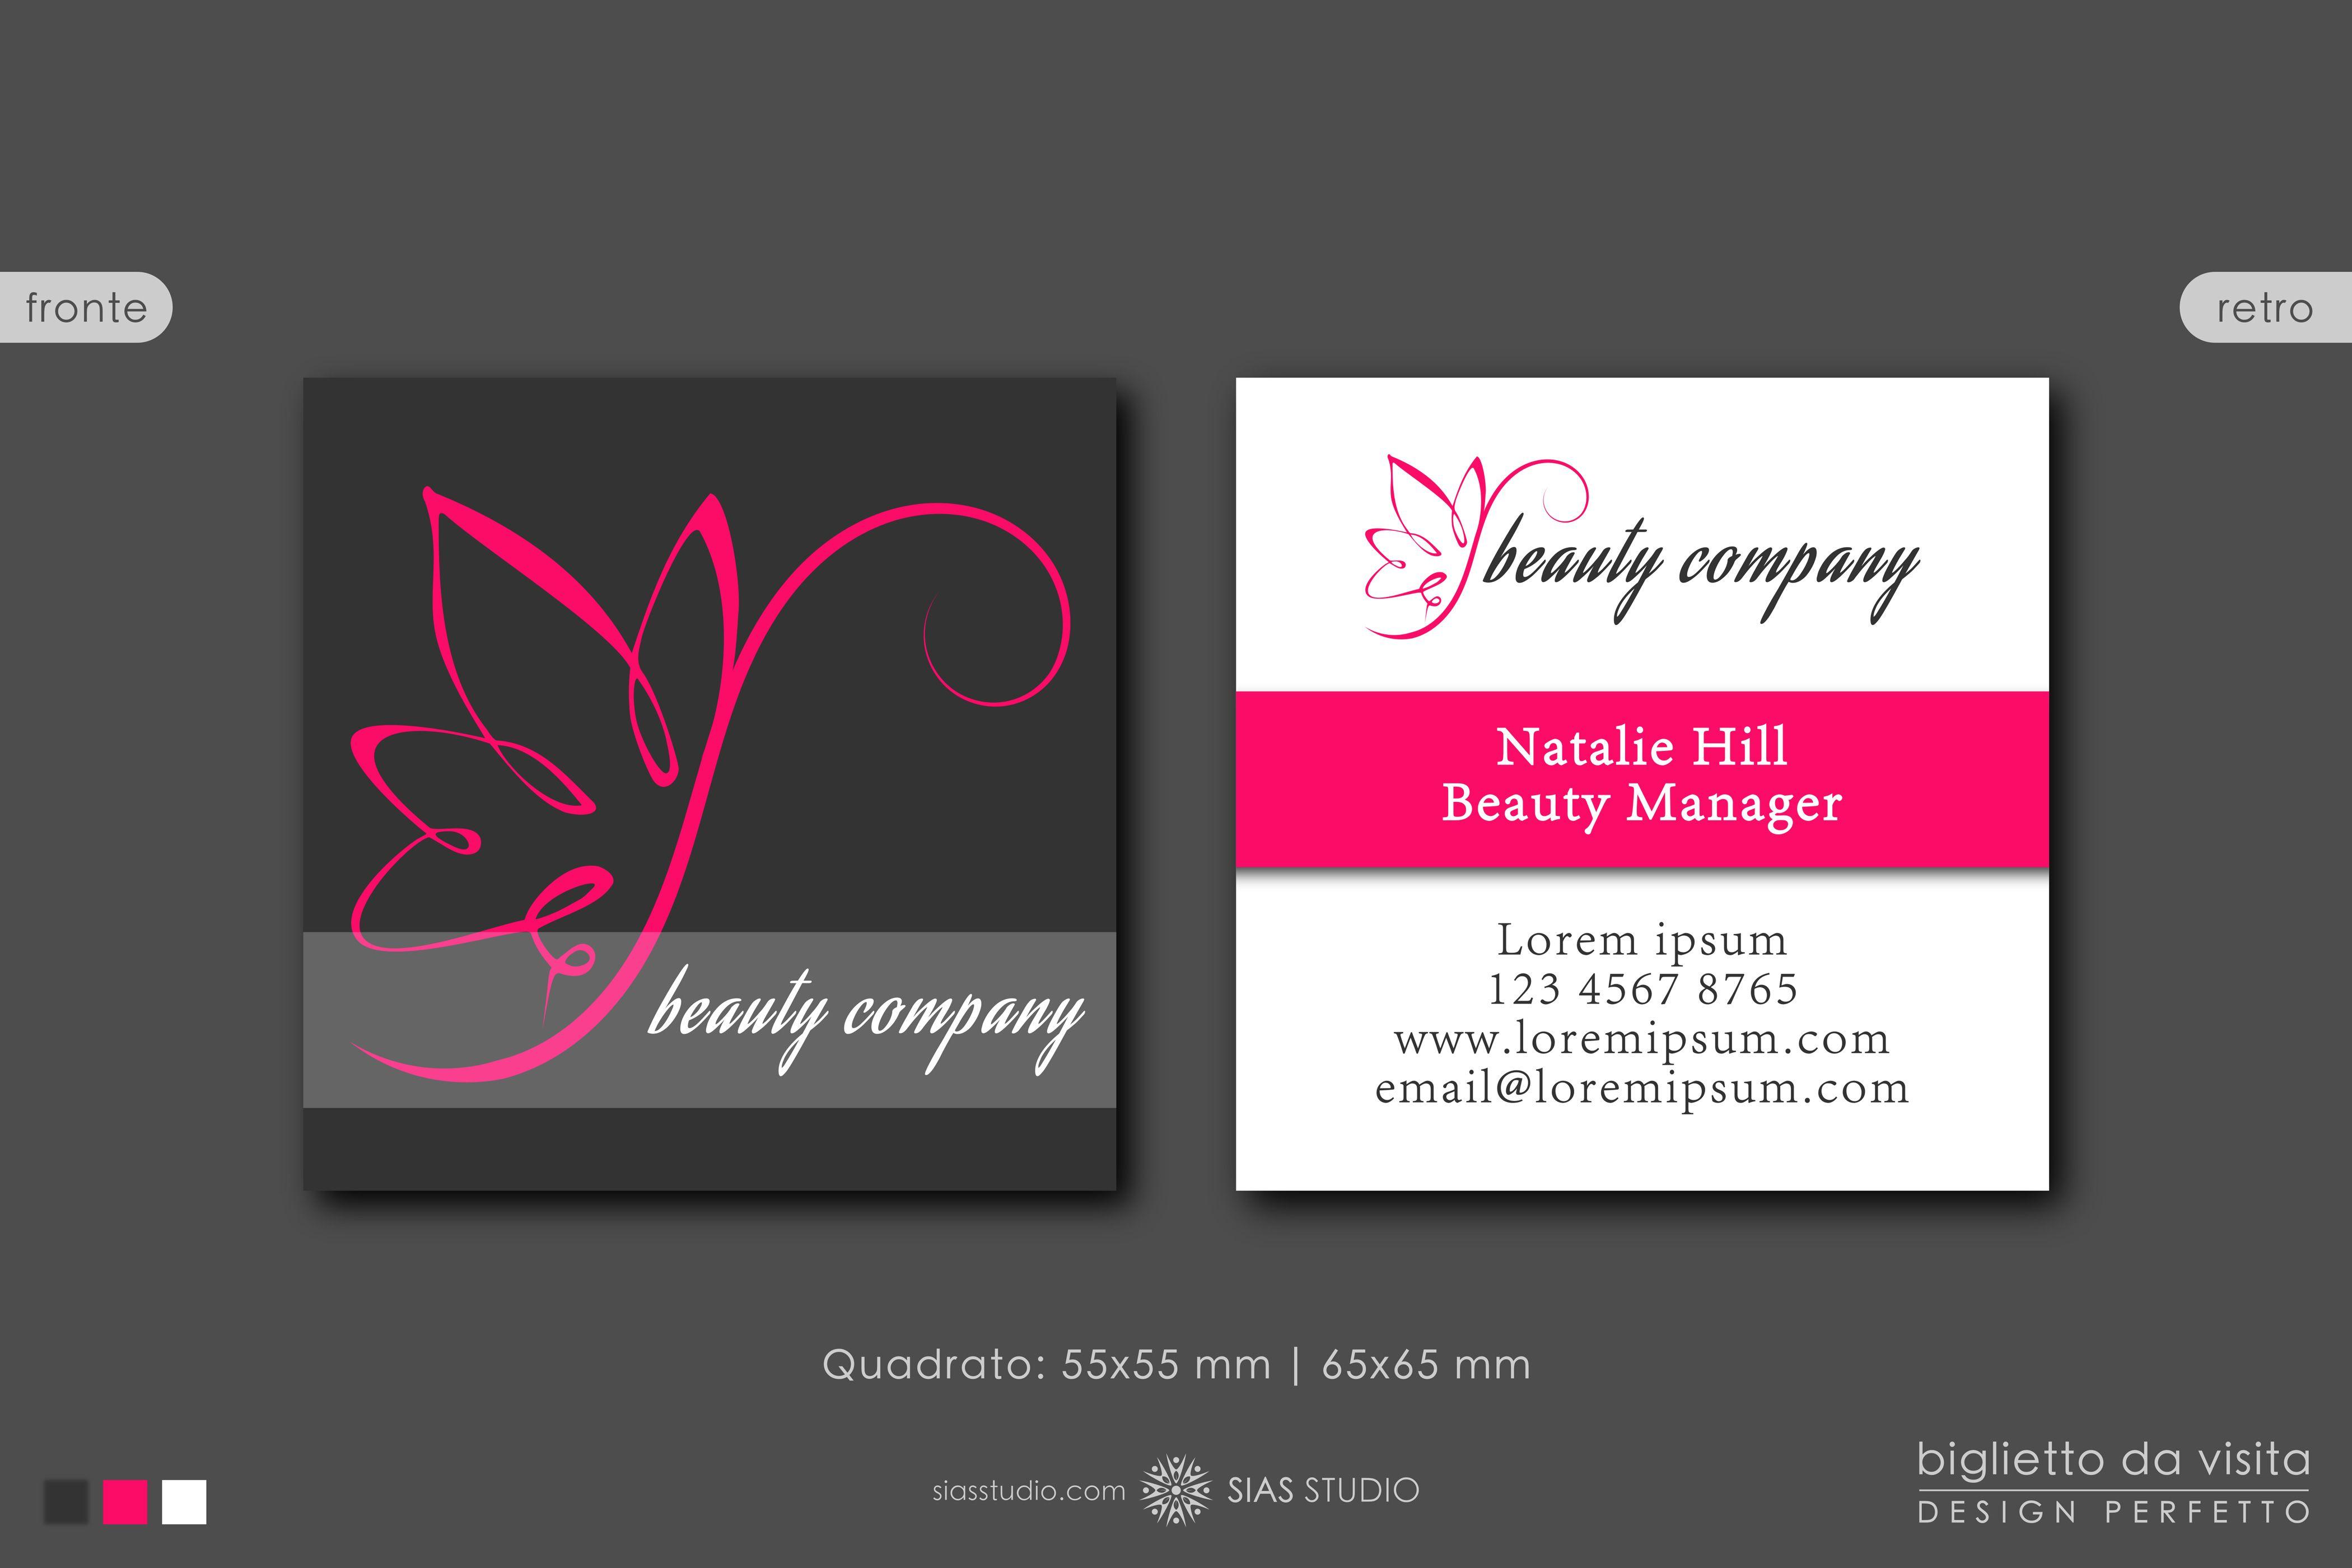 Modello Per Biglietto Da Visita Beauty Company Design Con